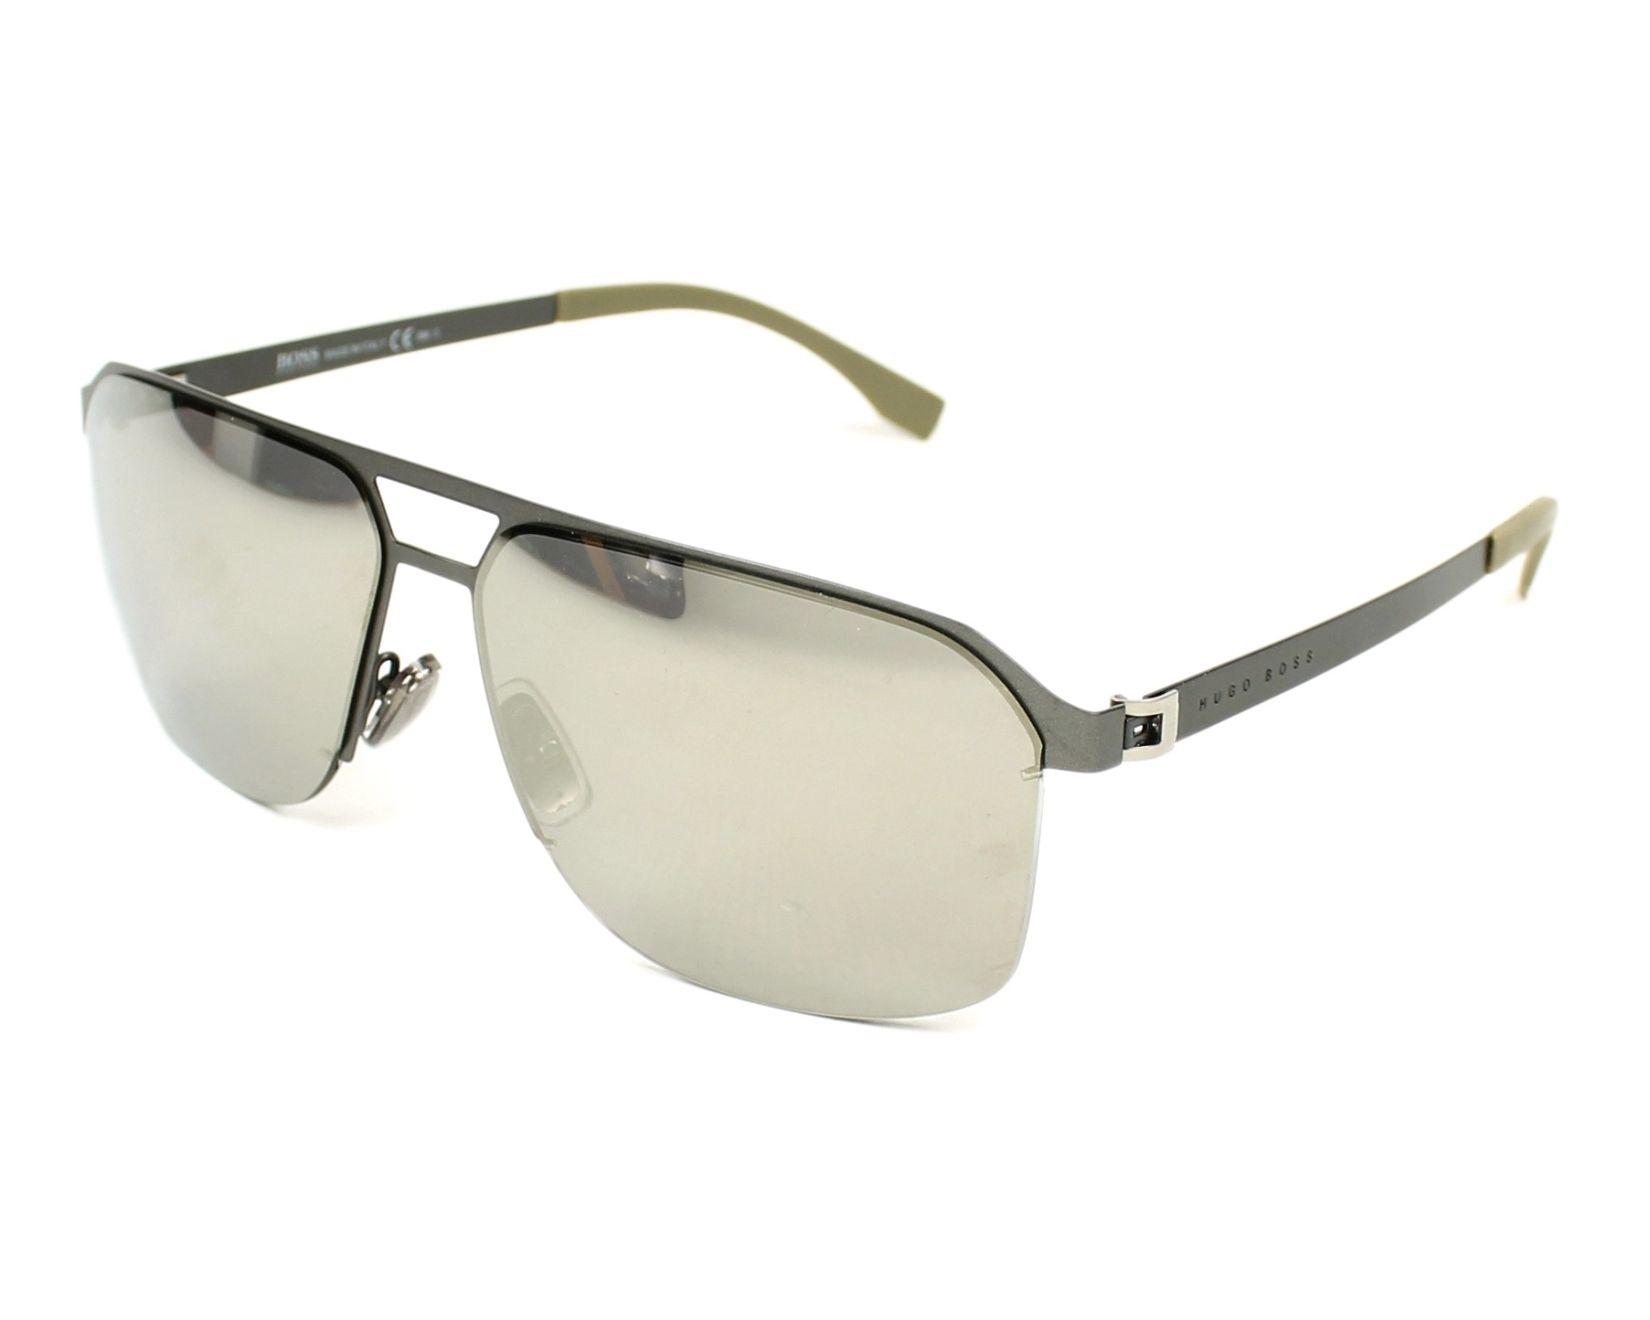 7323a3651e67c Sunglasses Hugo Boss BOSS-0839-S R80 M3 61-14 Gun profile